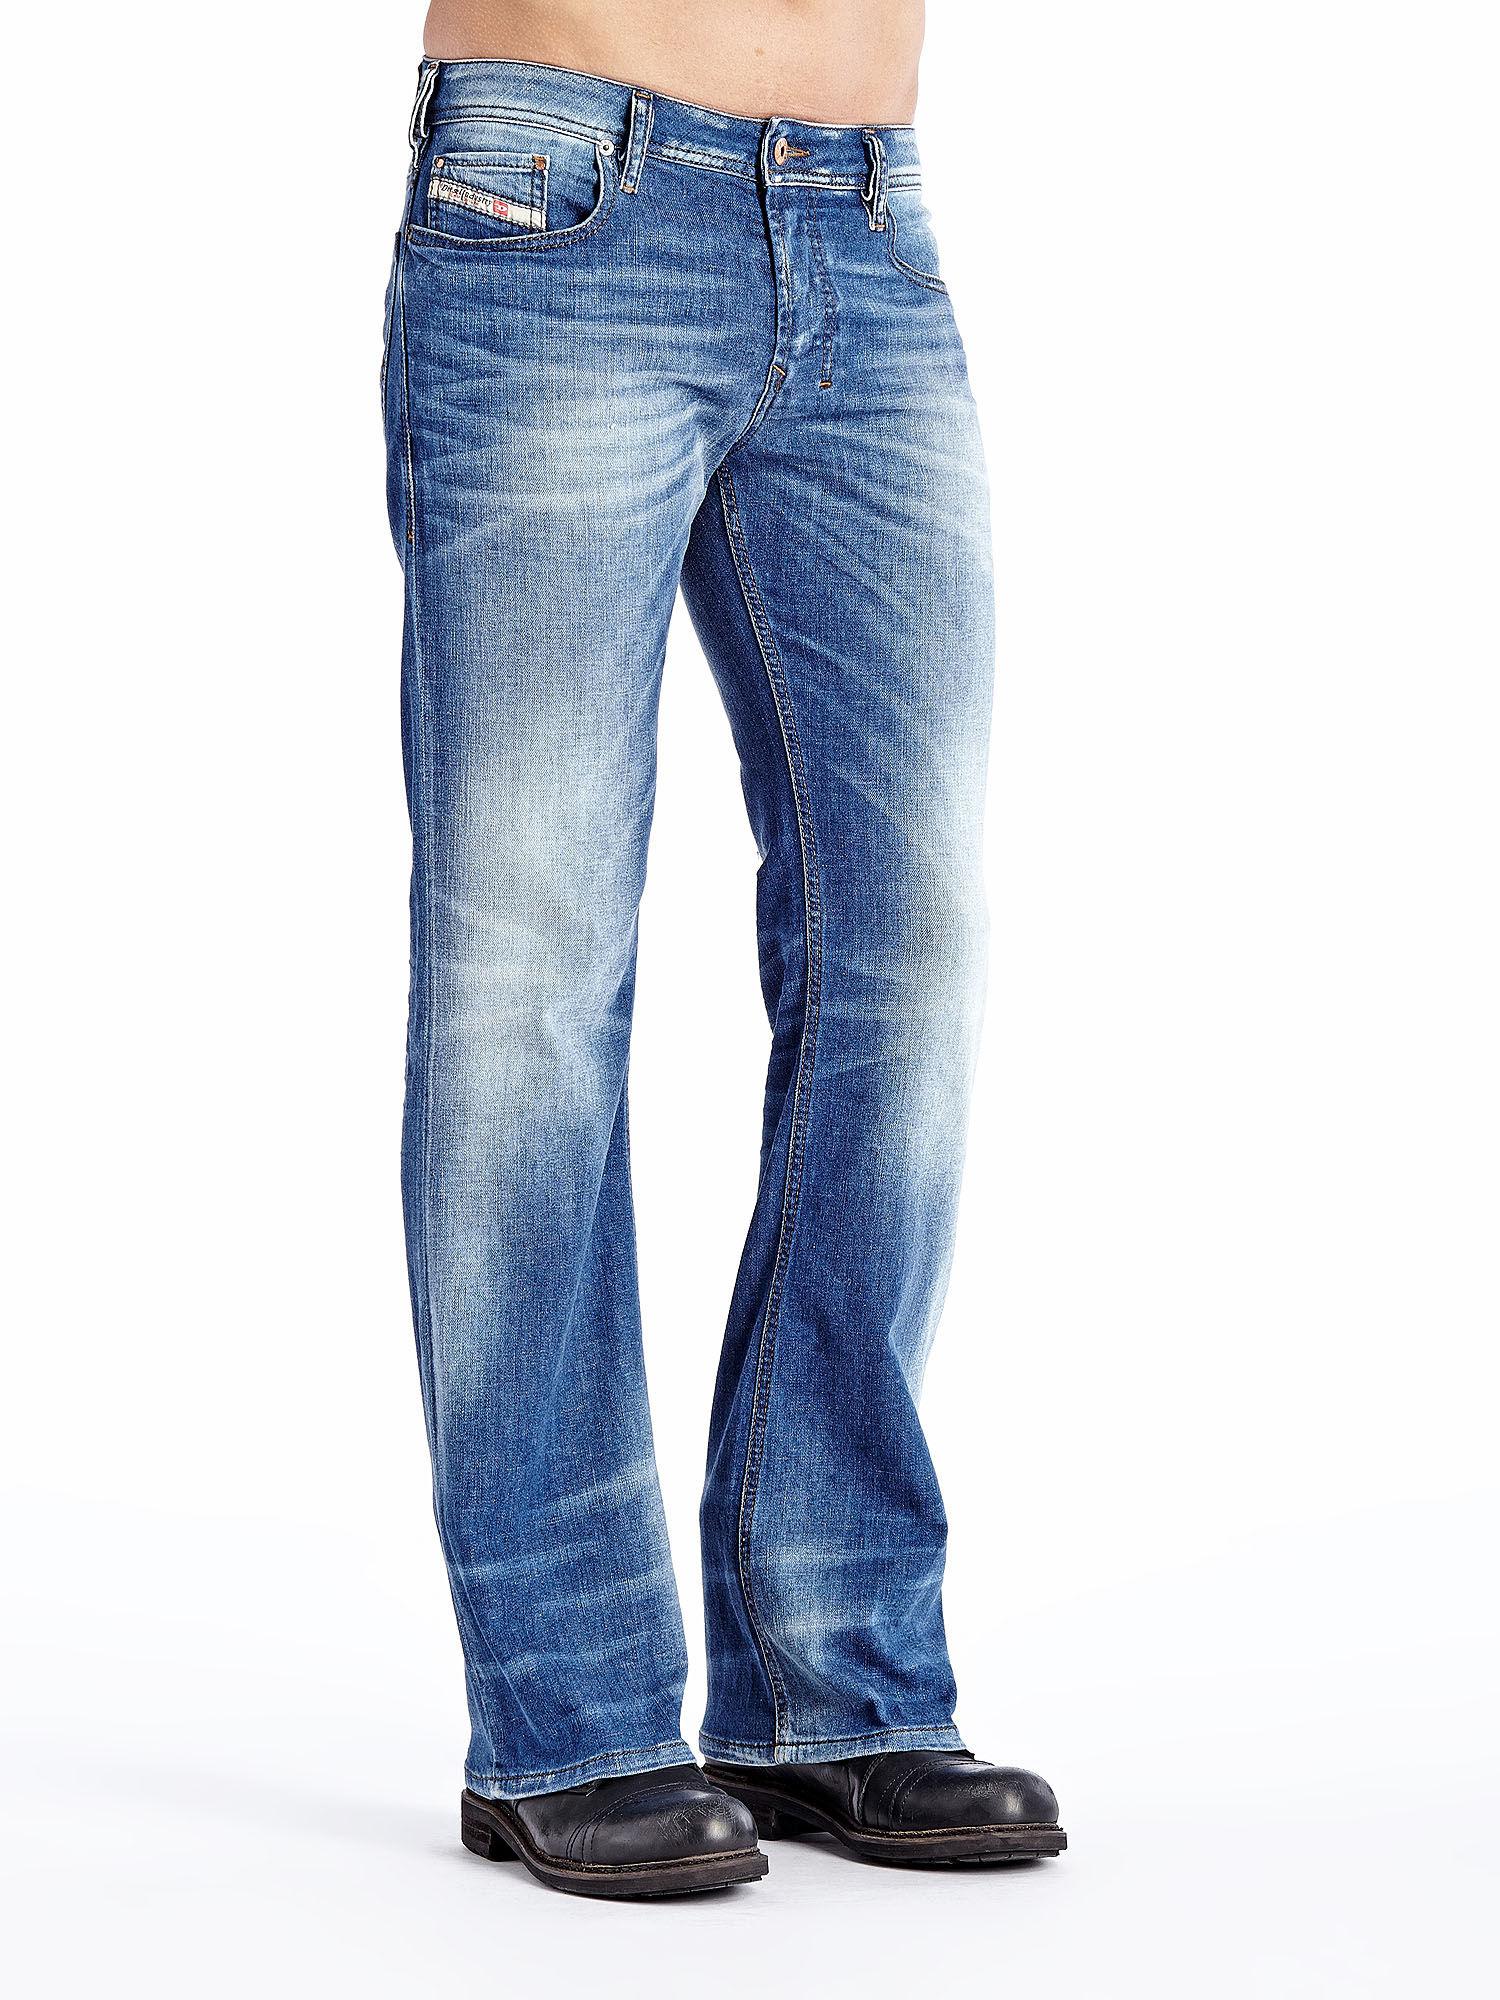 e031cc144b3 DIESEL Zathan 0831d in Blue for Men - Lyst